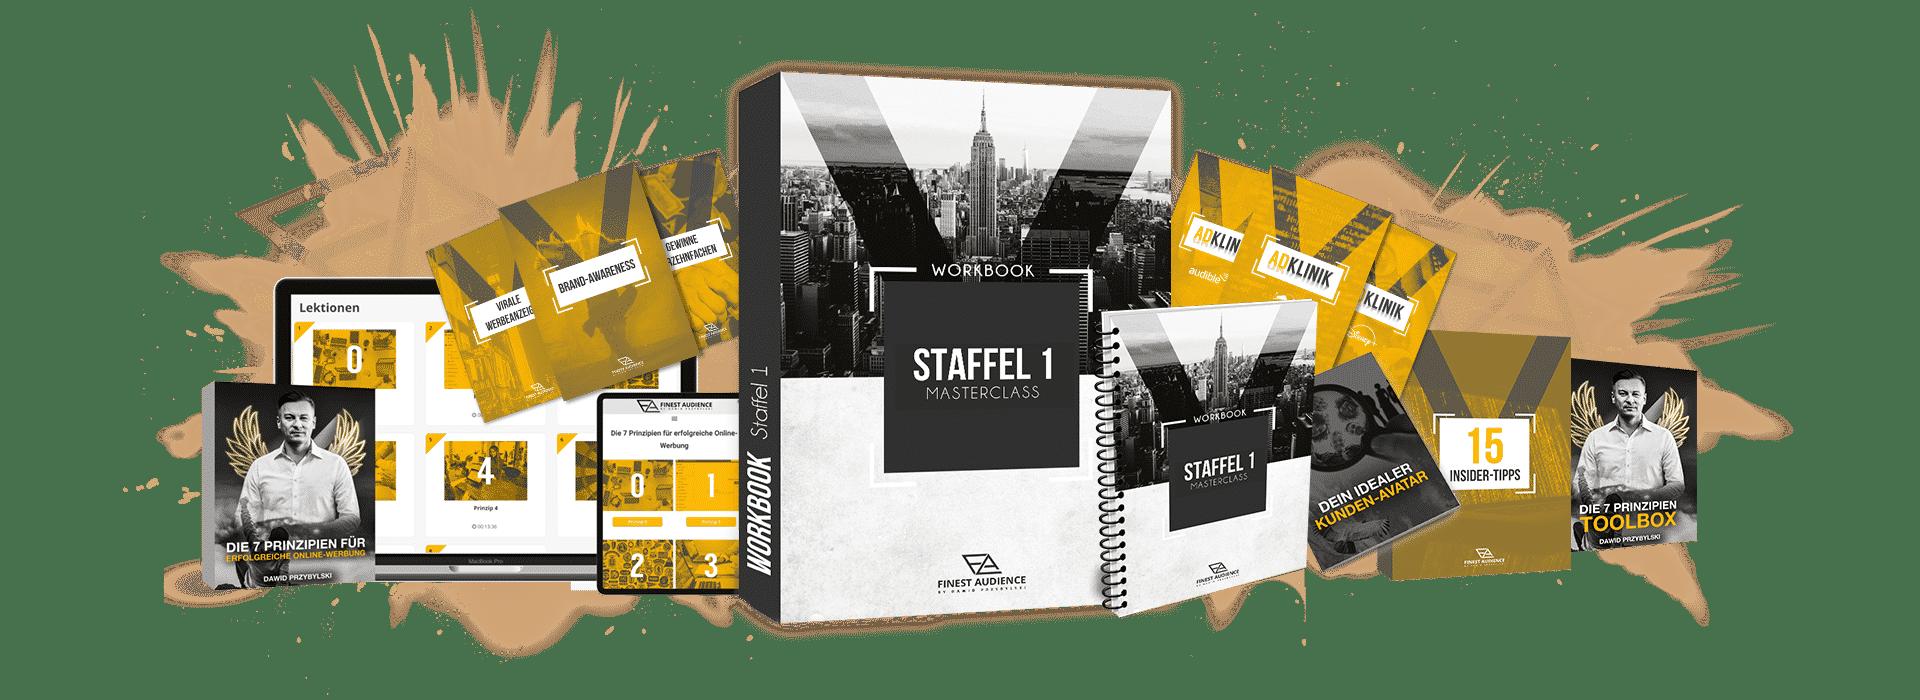 mockup staffel 1 masterclass Finest Audience by Dawid Przybylski - Facebook Marketing - Instagram Marketing